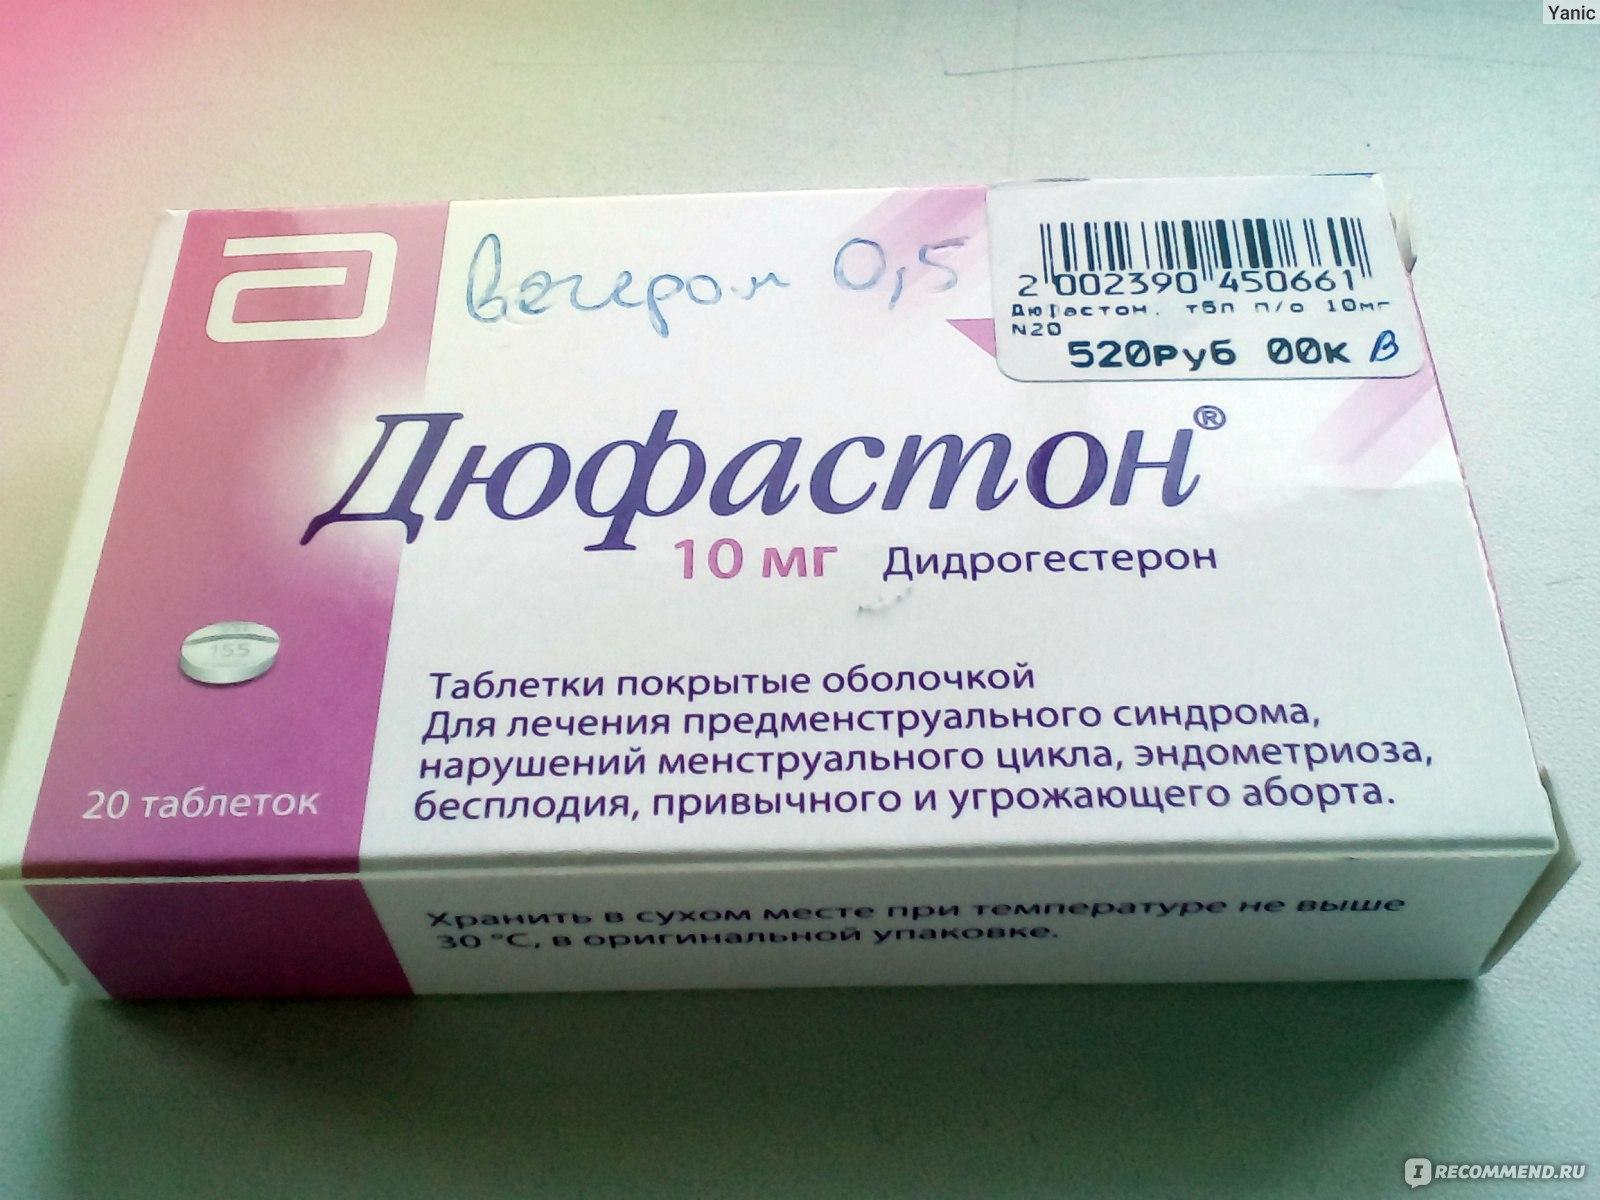 Дюфастон: состав, показания, дозировка, побочные эффекты